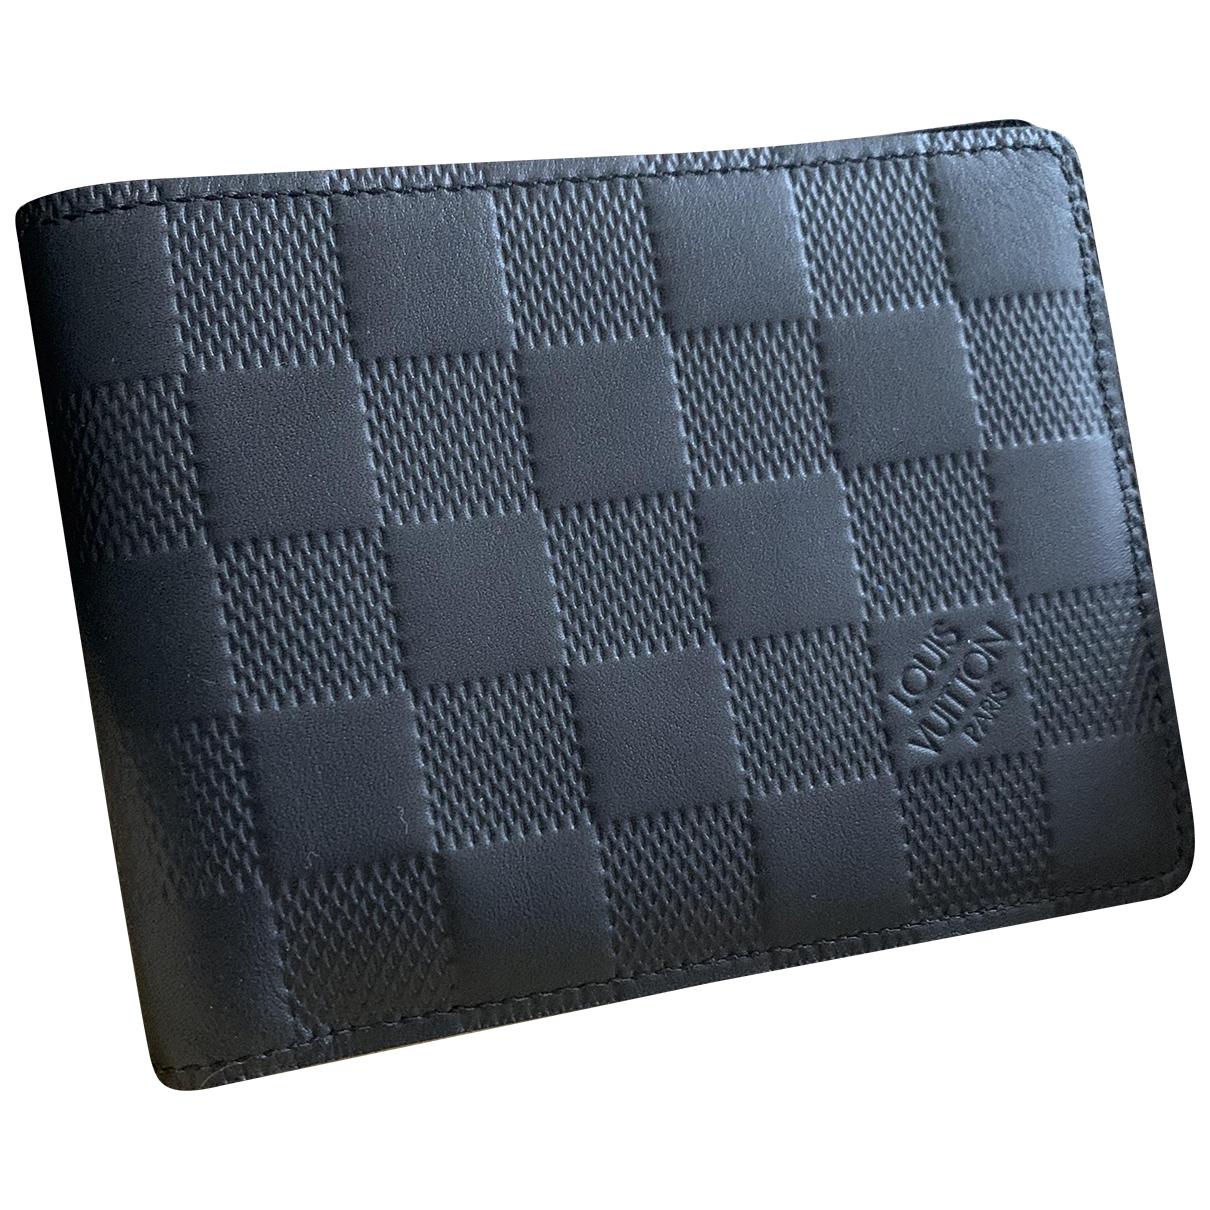 Louis Vuitton - Petite maroquinerie Marco pour homme en cuir - noir